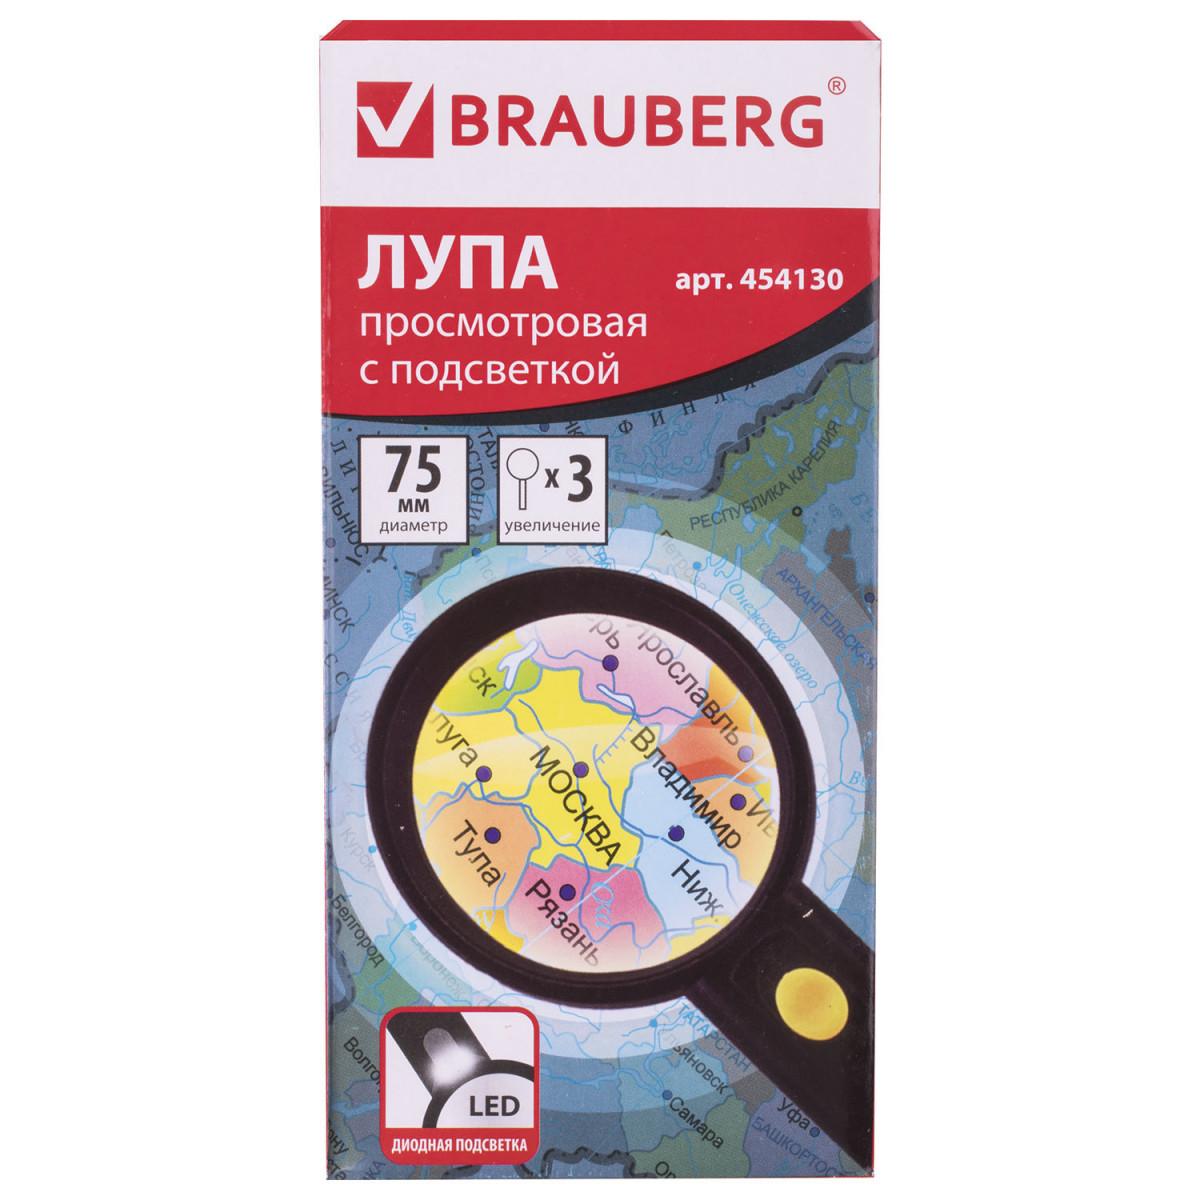 Лупа просмотровая BRAUBERG, С ПОДСВЕТКОЙ, диаметр 75 мм, увеличение 3, корпус черный, 454130 (арт. 454130)